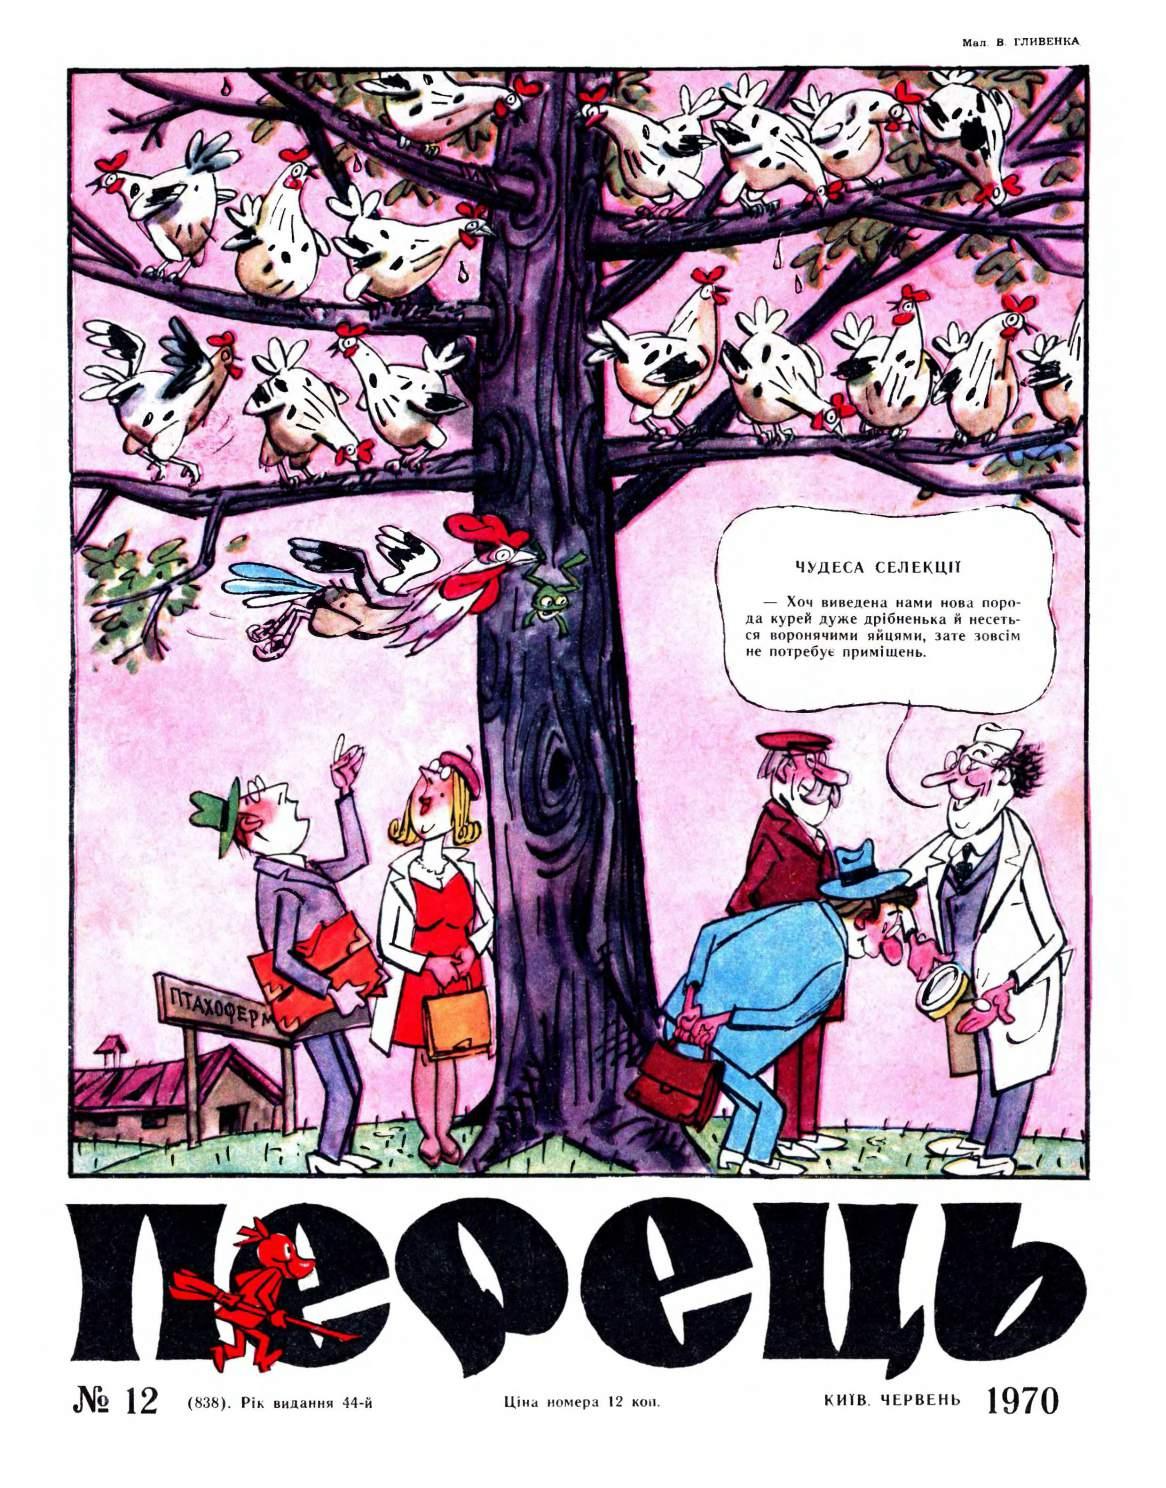 Журнал перець 1970 №12